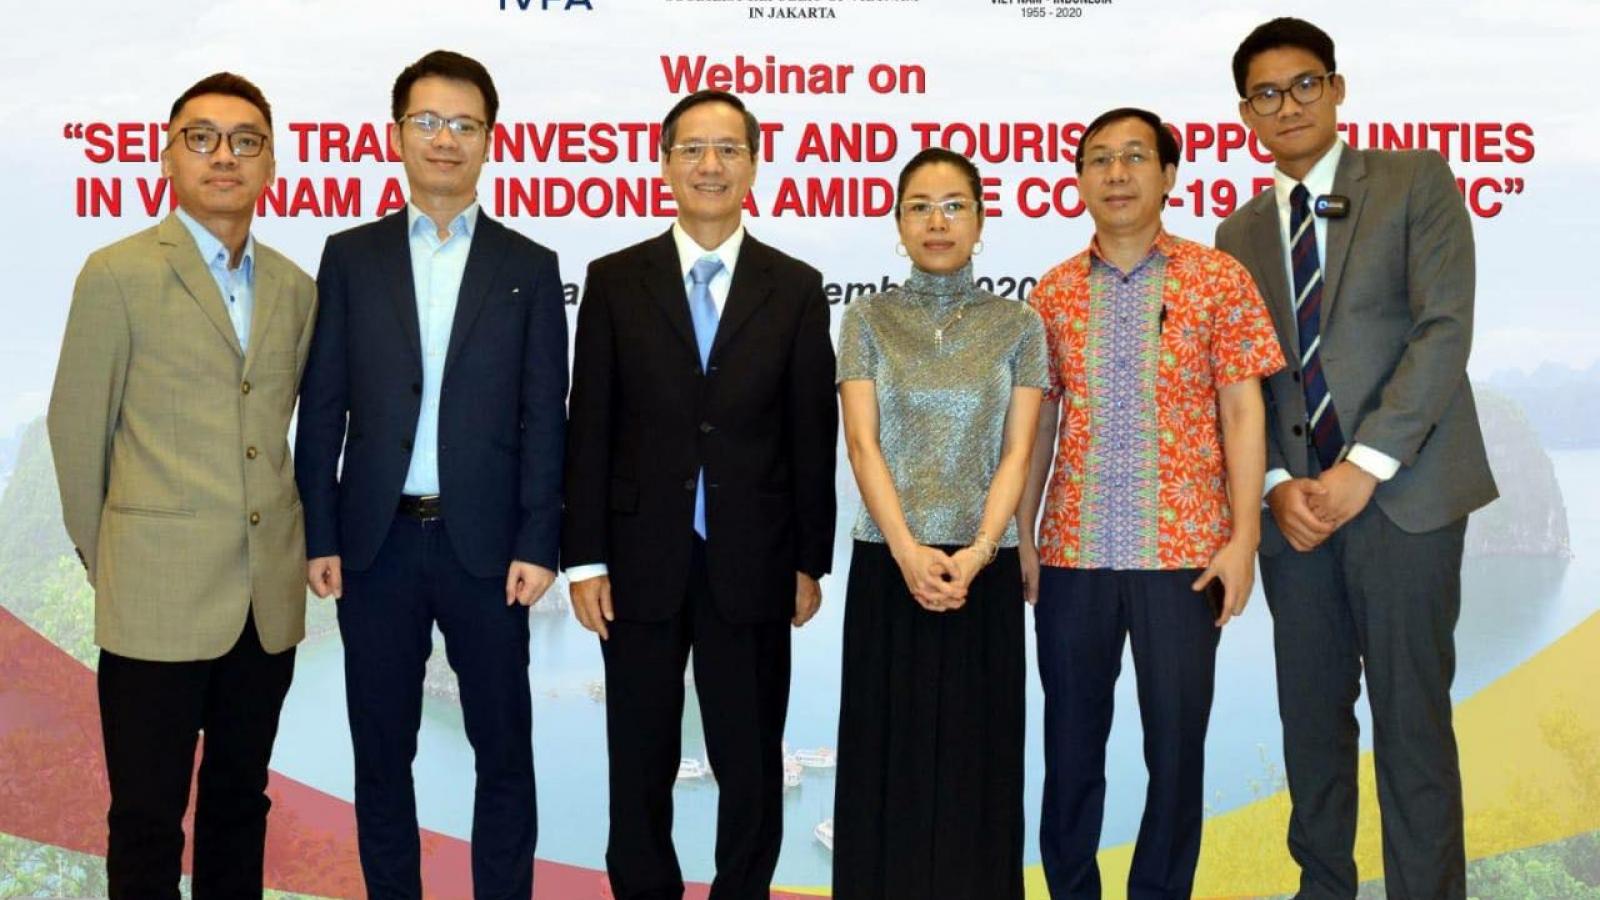 Thúc đẩy đầutư, thương mại và du lịchViệt Nam-Indonesia trong bốicảnhđại dịch